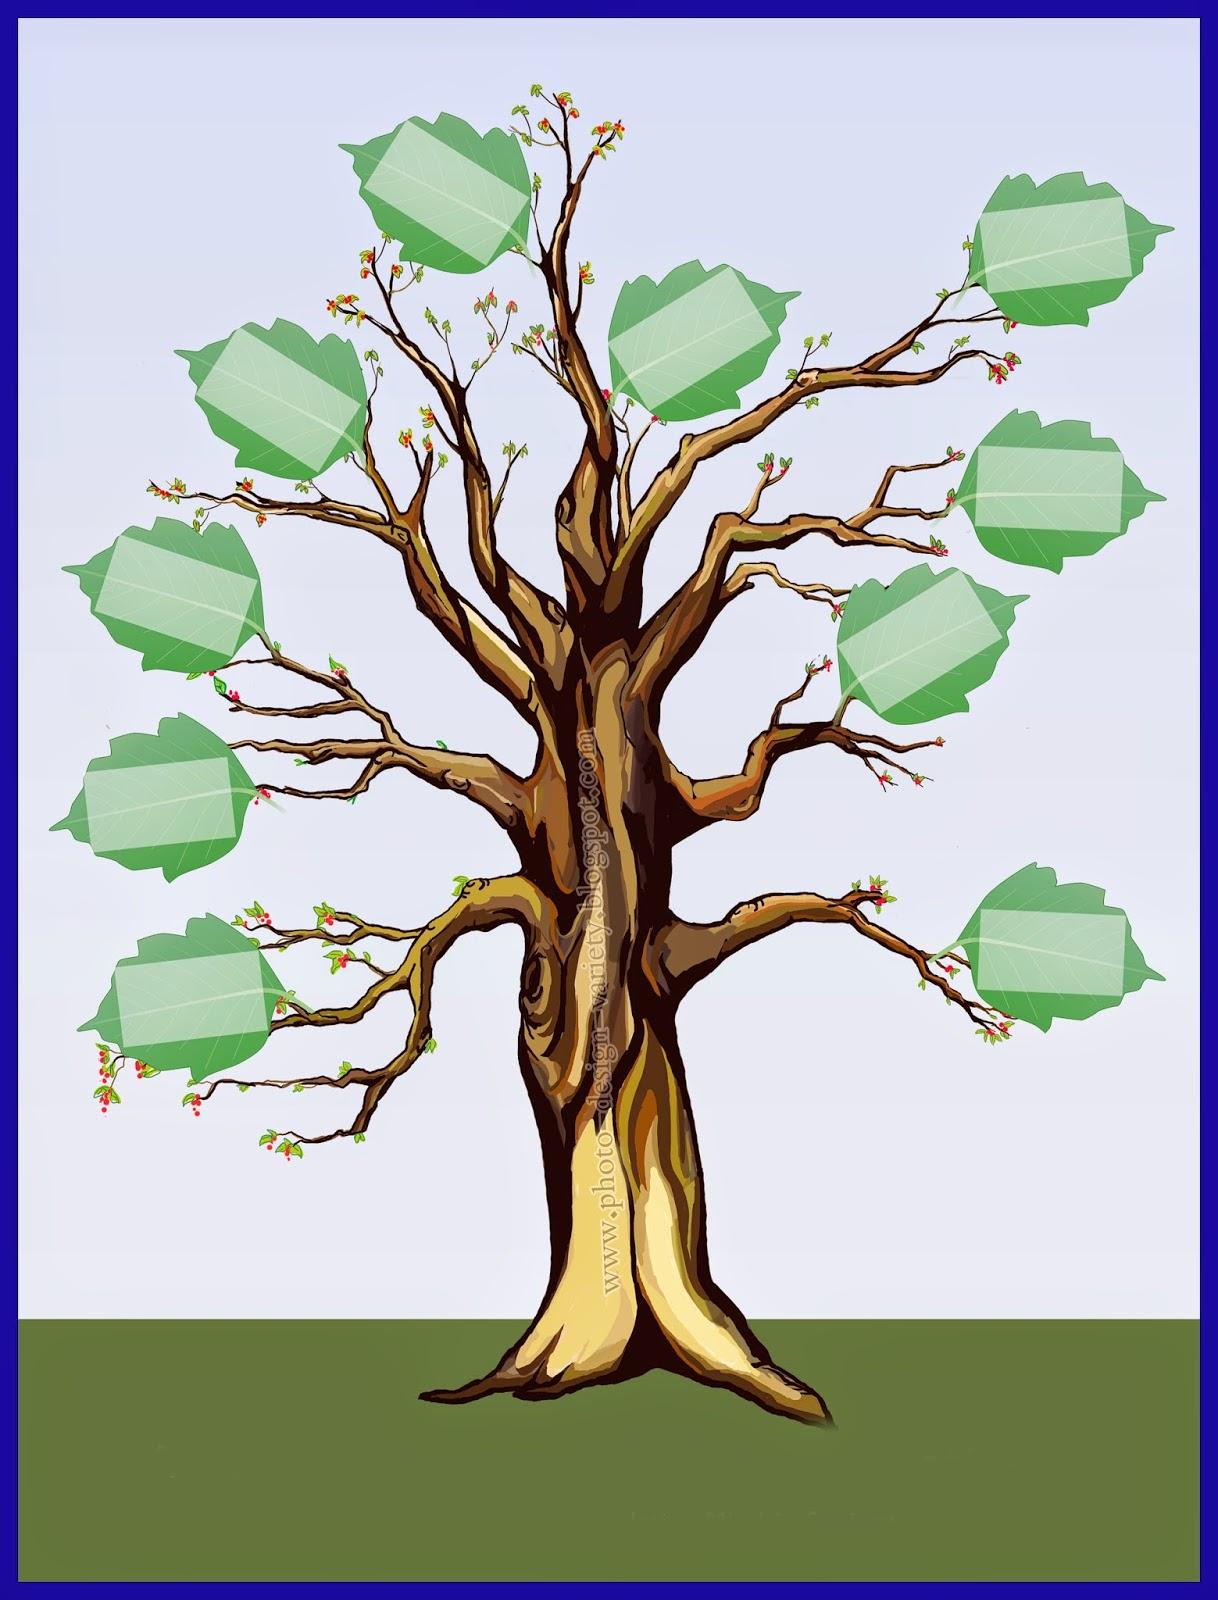 ألبومات صور منوعة شجرة العائلة صورة لشجرة العائلة يمكن اضافة